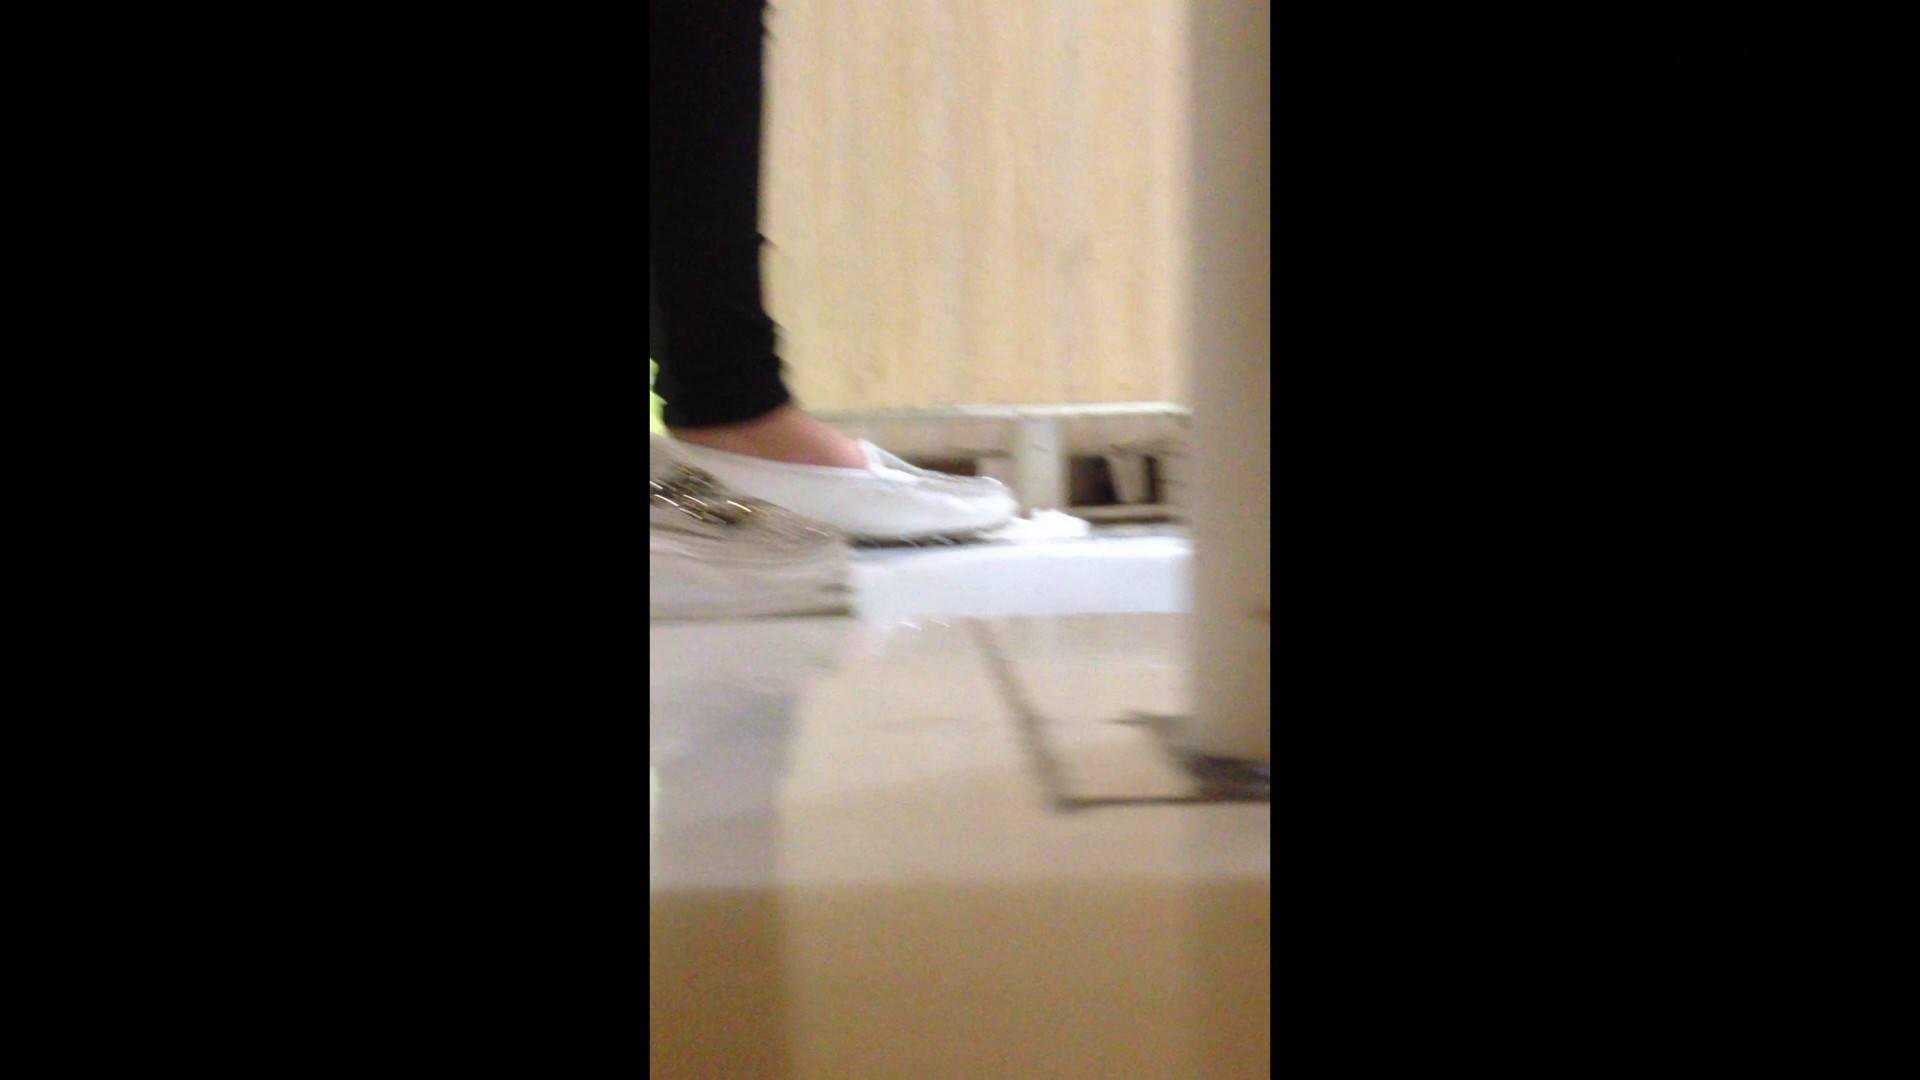 無修正エロ動画|芸術大学ガチ潜入盗撮 JD盗撮 美女の洗面所の秘密 Vol.87|怪盗ジョーカー